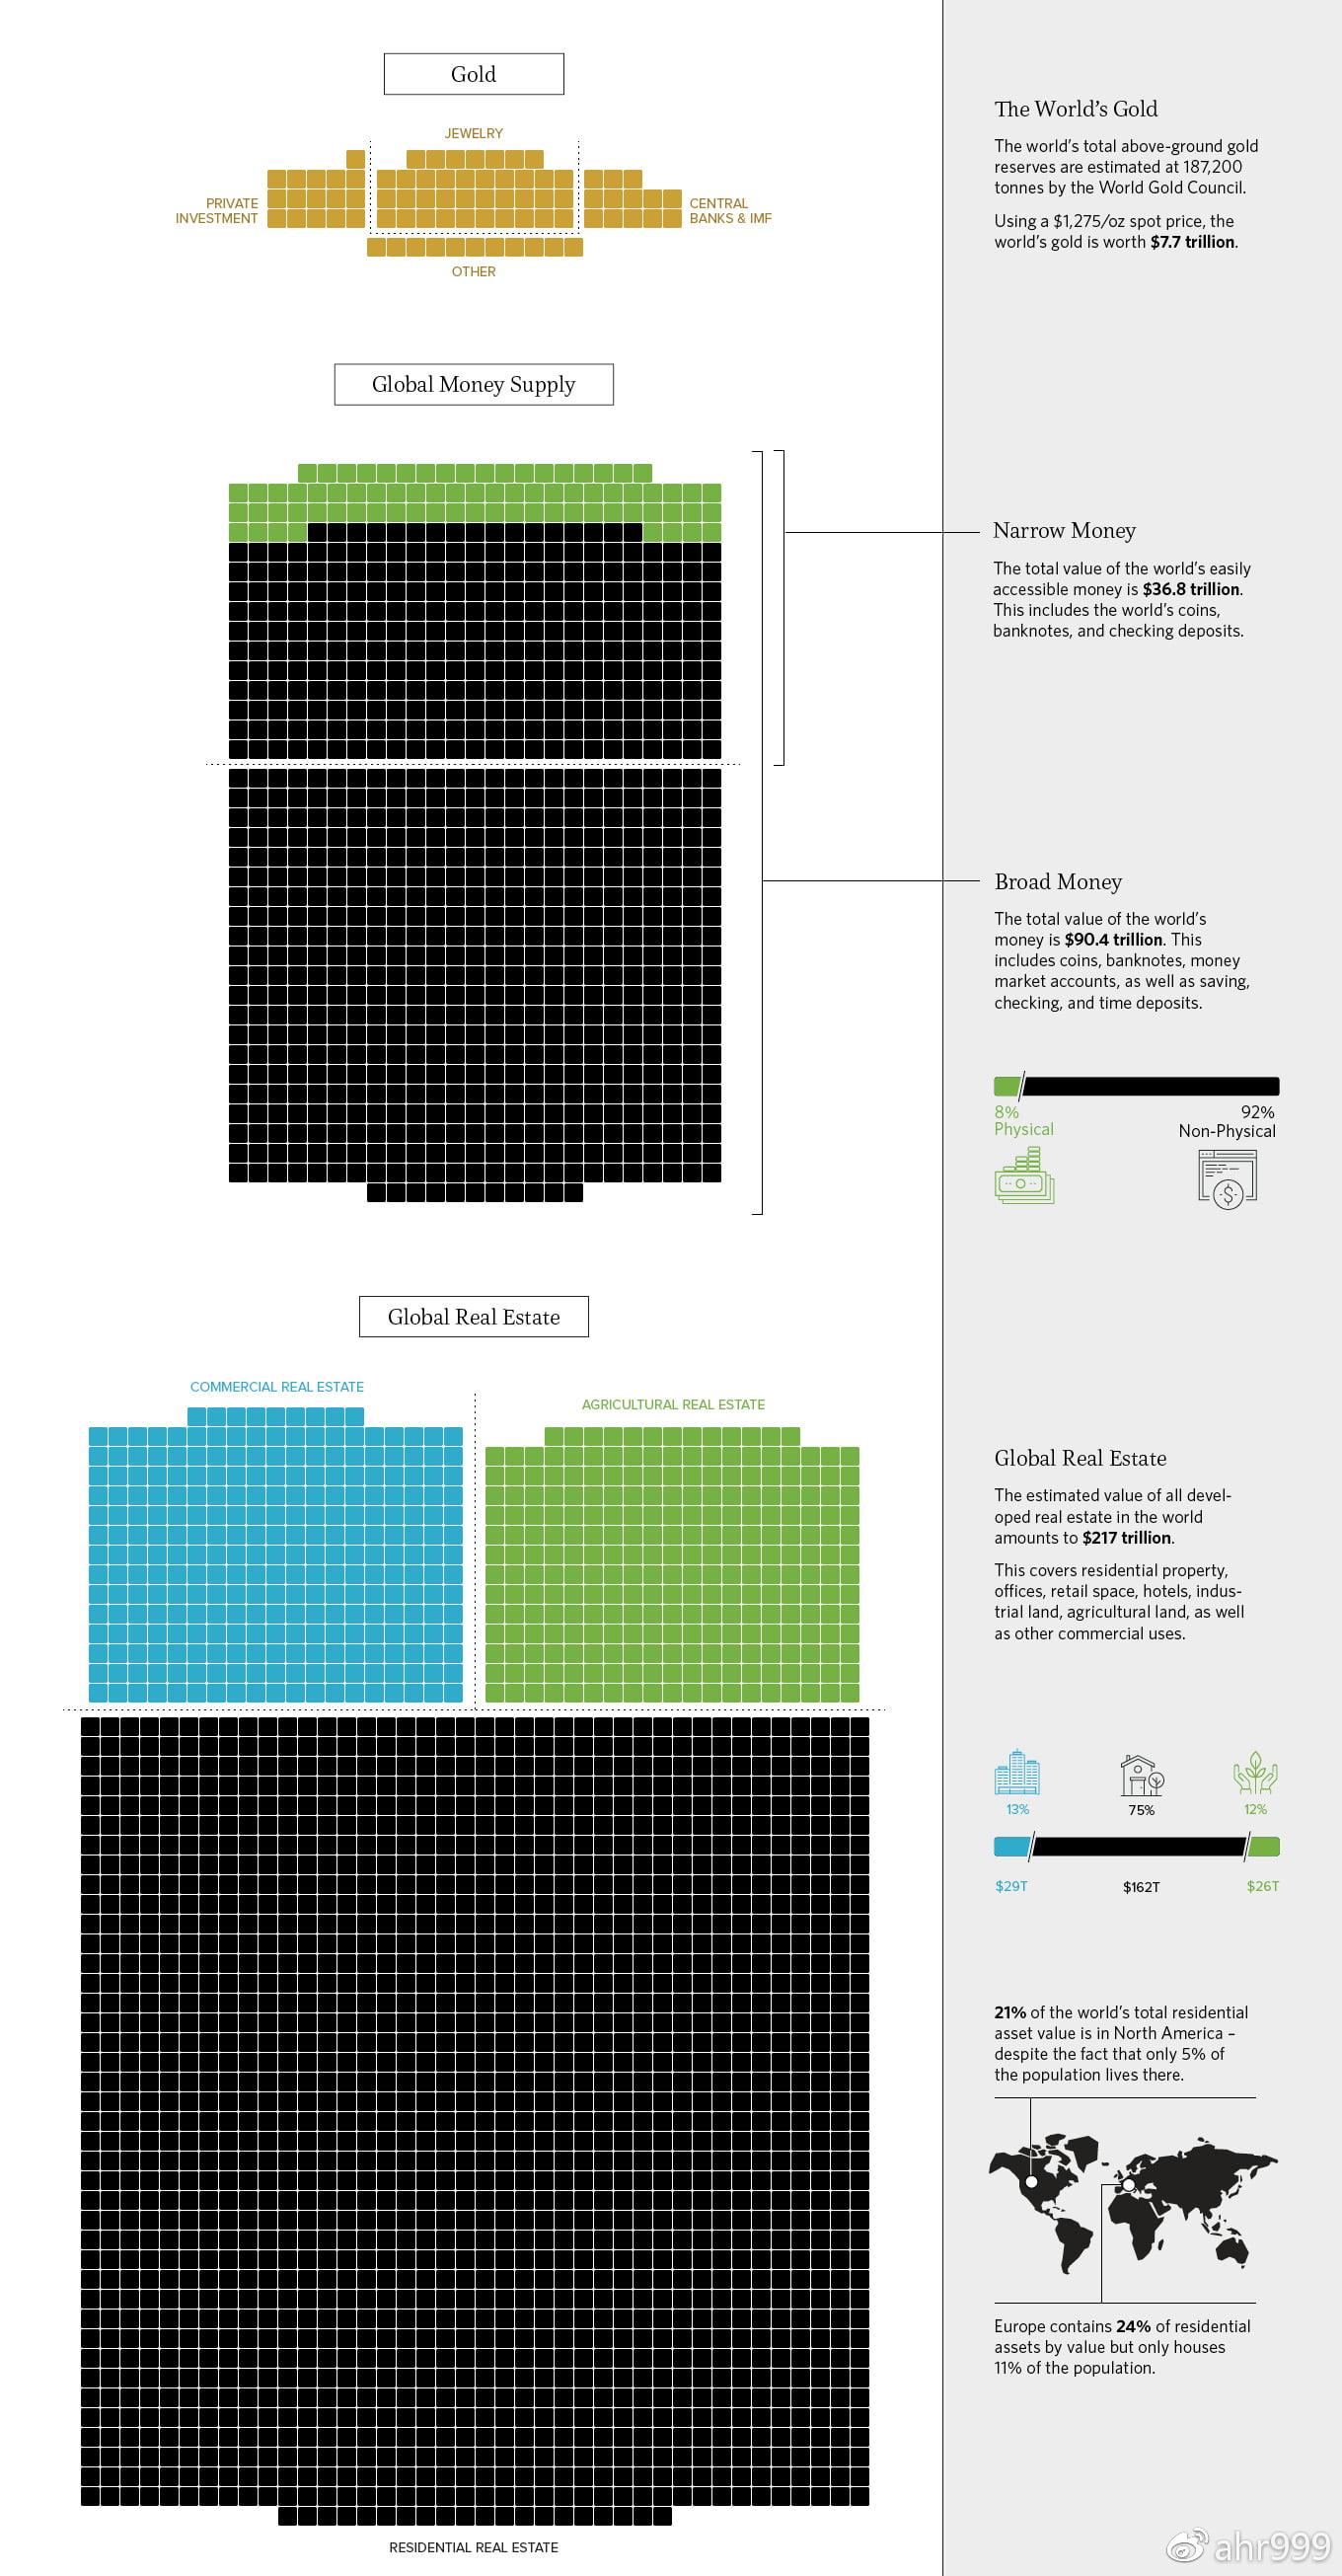 图1. 世界黄金、货币和不动产总量(修改自http://money.visualcapitalist.com/)